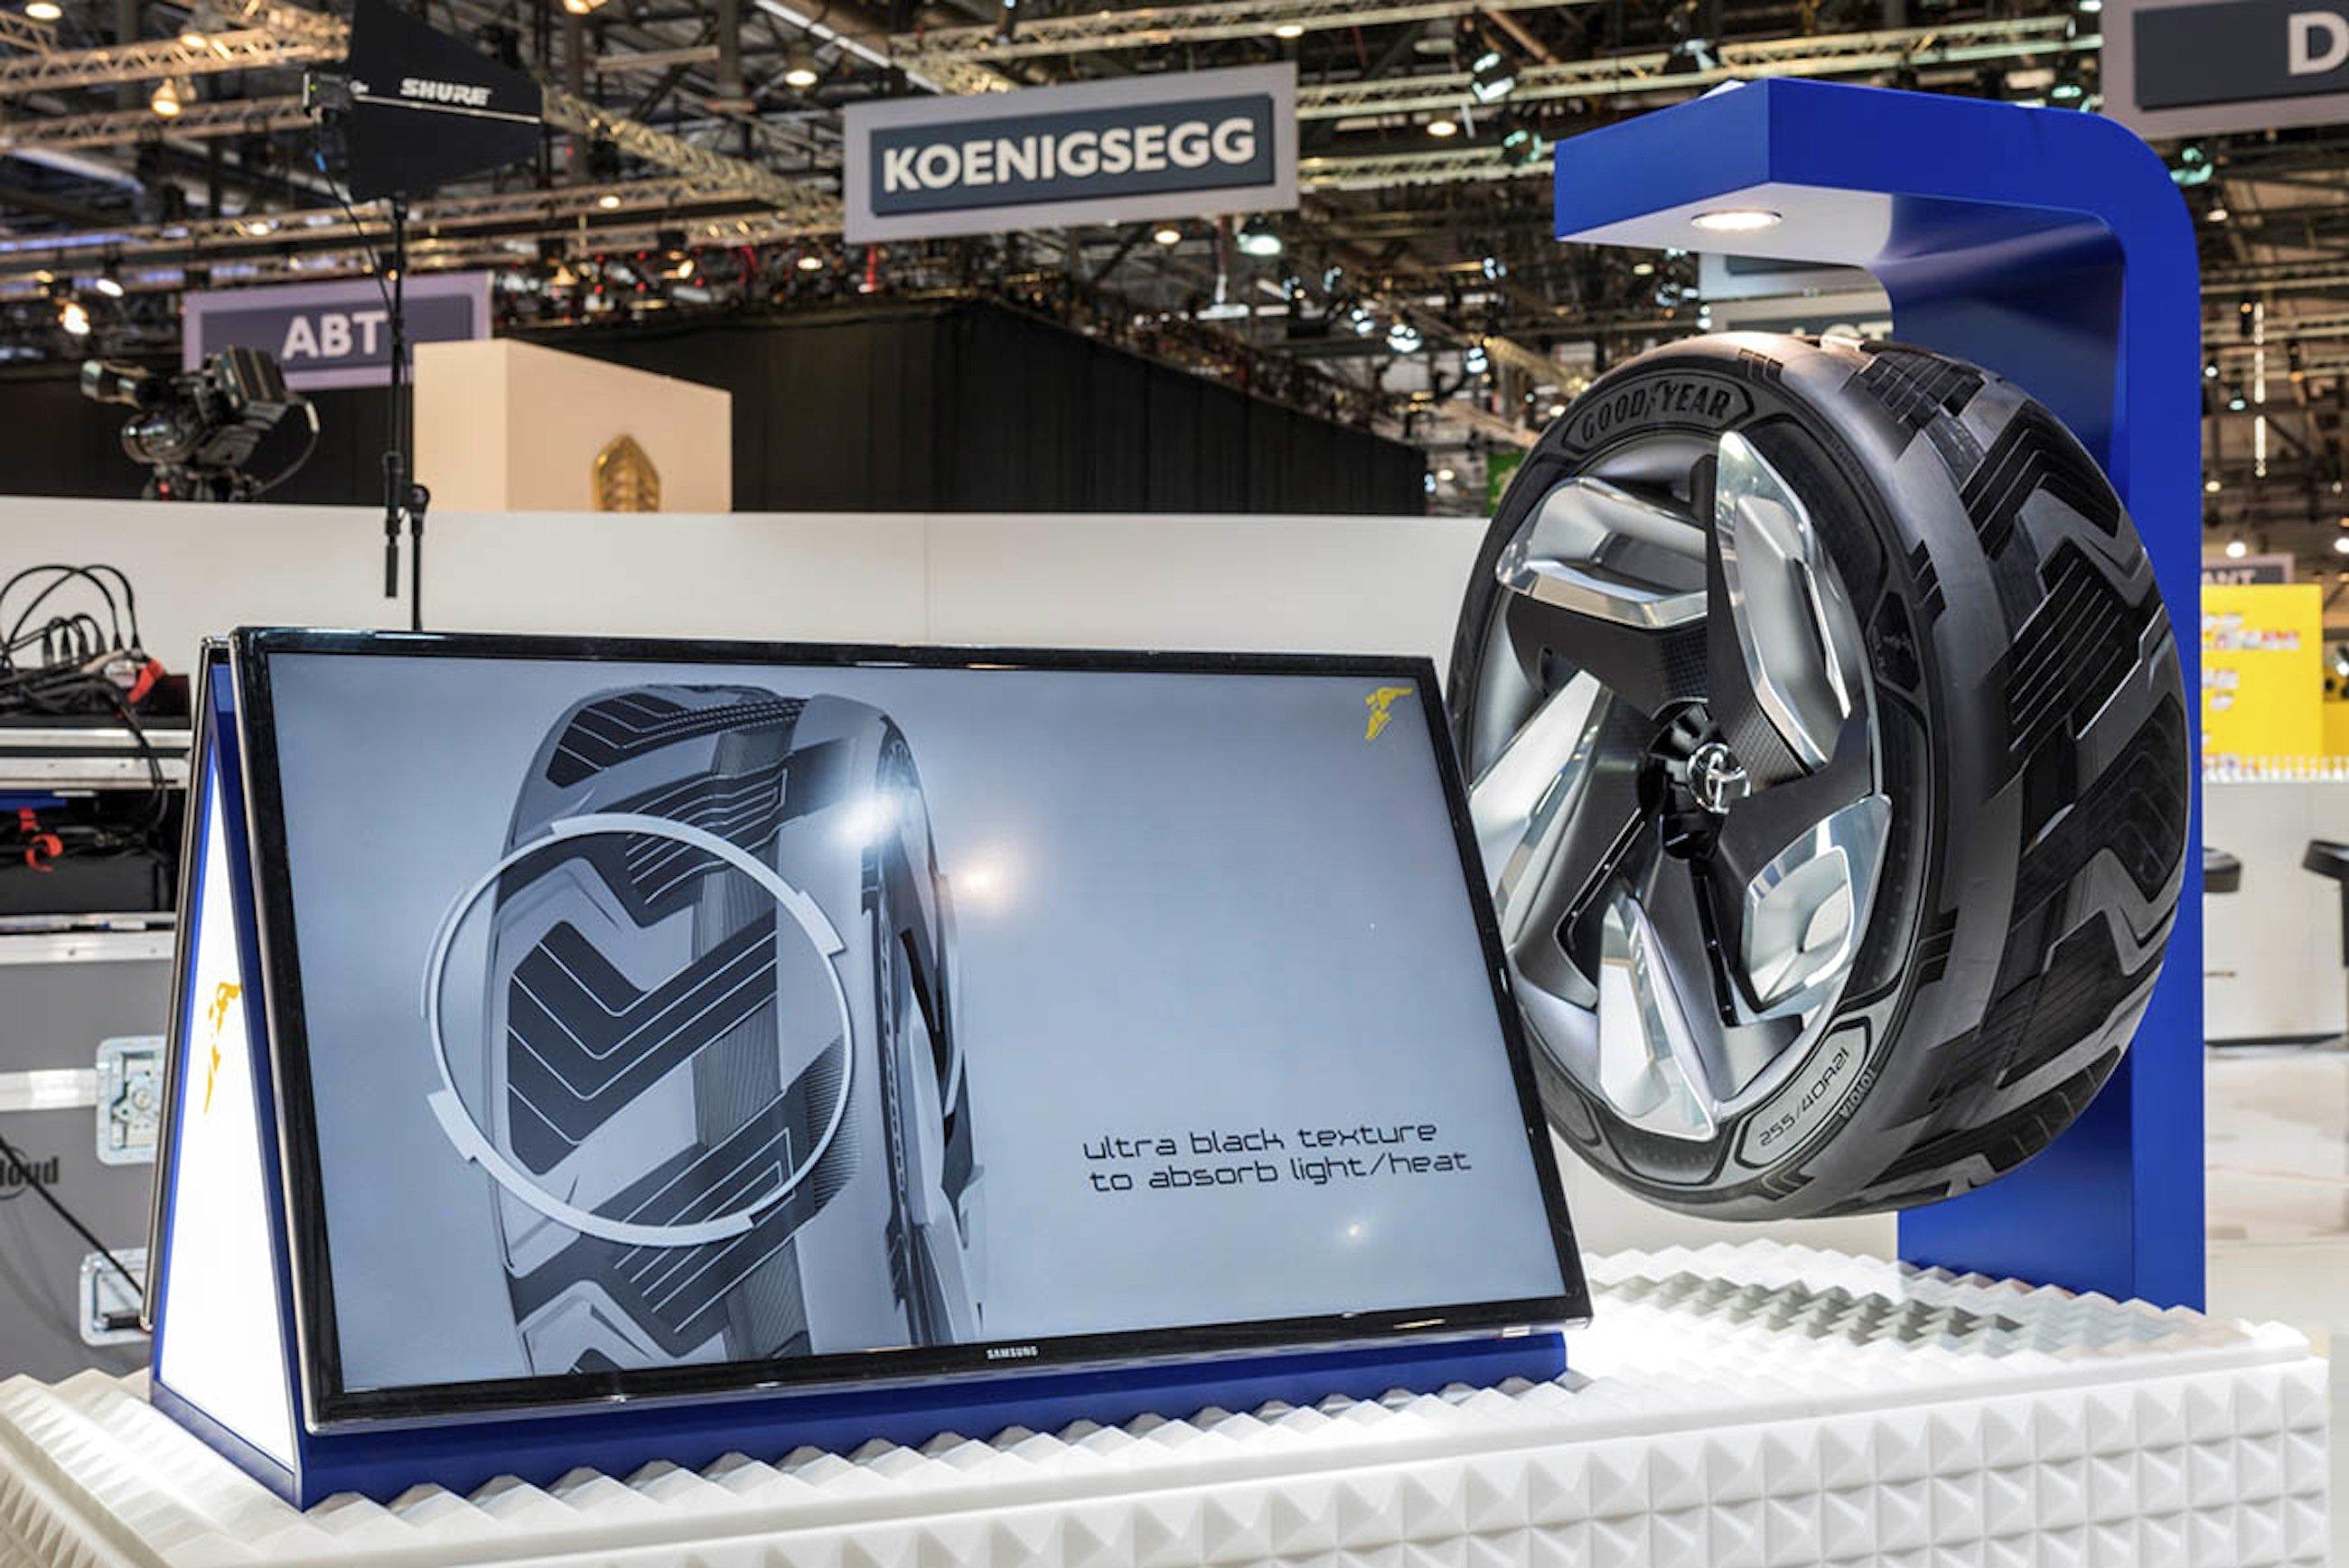 Goodyear-Reifen BH03 auf dem Autosalon in Genf: Der Strom produzierende Reifen soll zunächst nicht in Produktion gehen.